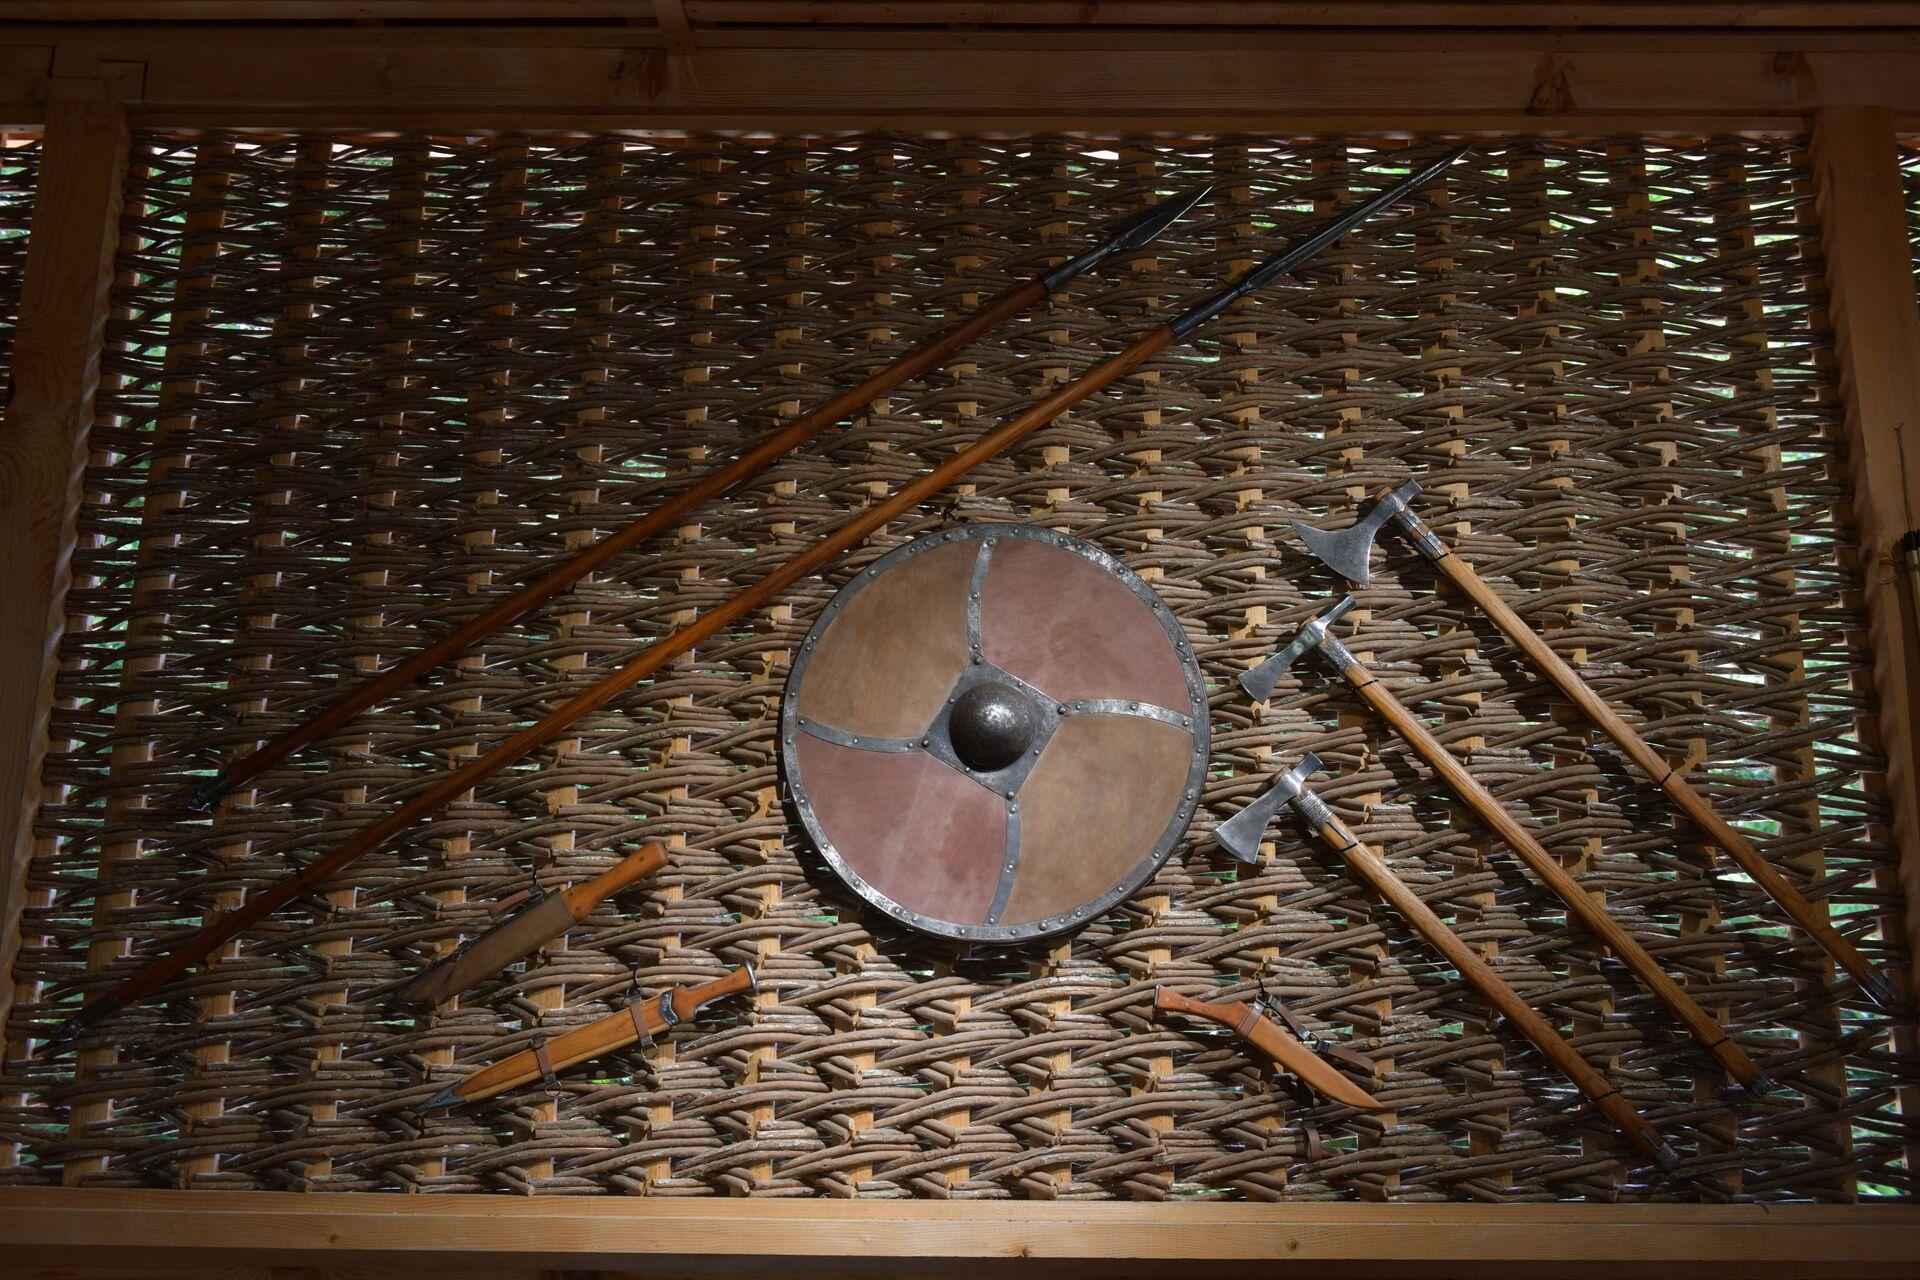 Двор абхаза: национальный исторический парк Апсны открылся в Гудауте - Sputnik Абхазия, 1920, 27.07.2021